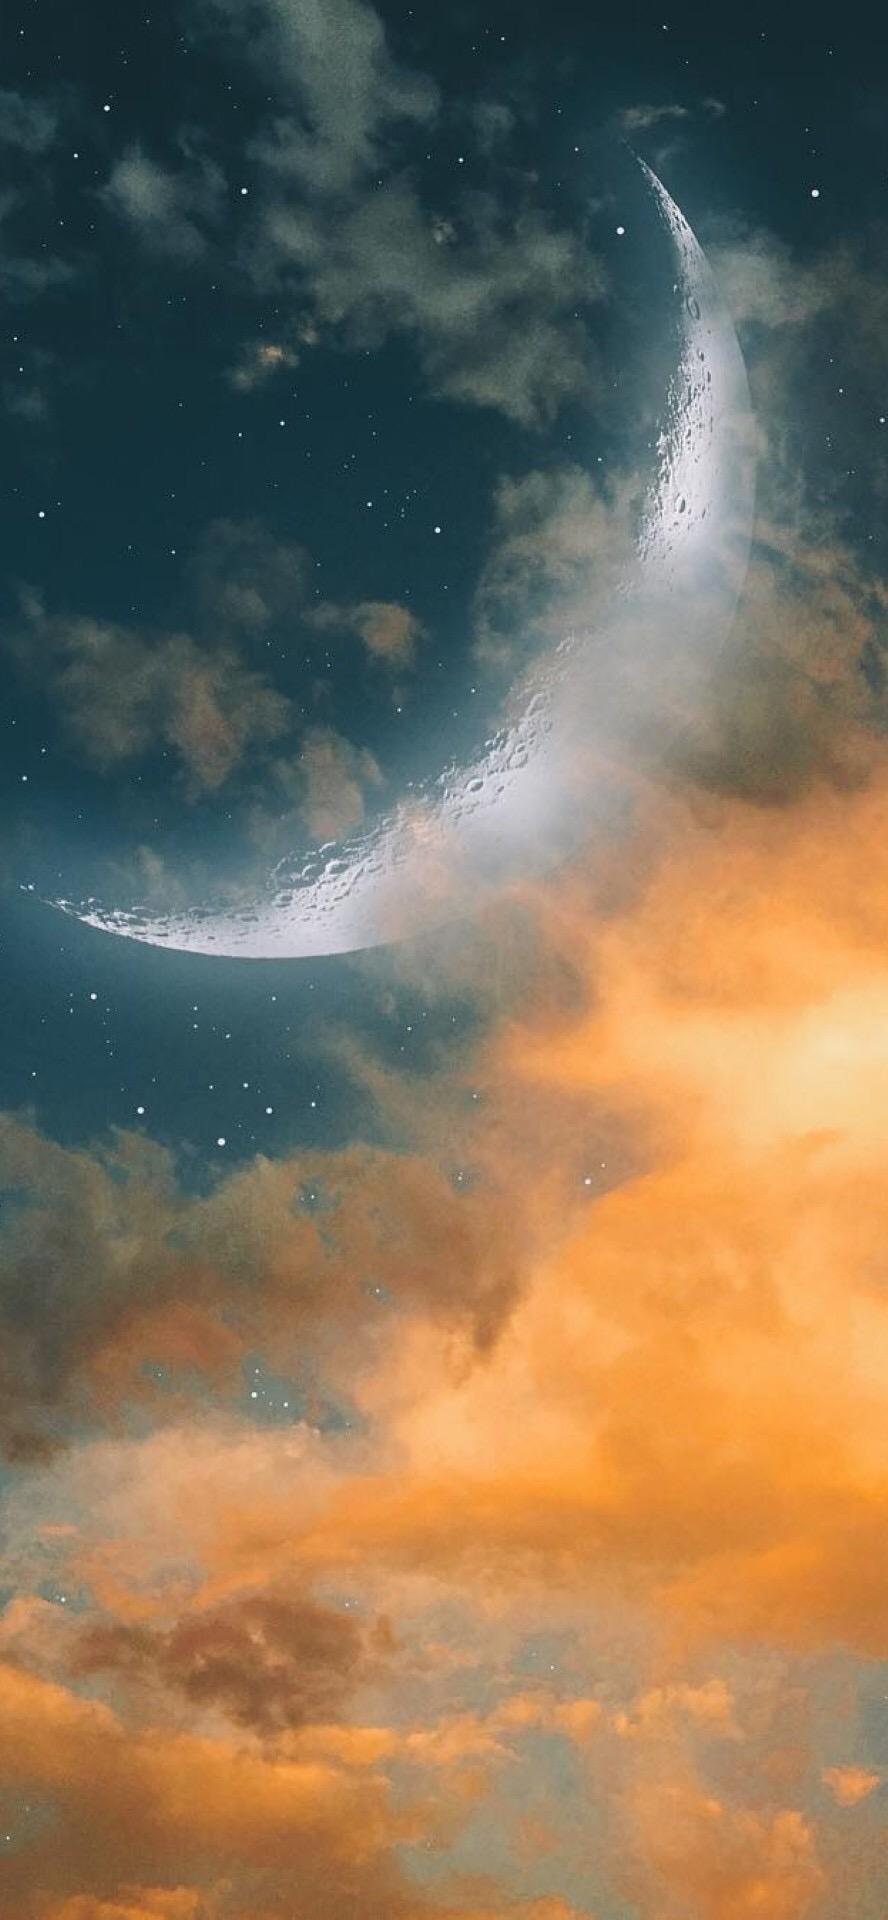 星盘推运:行运海王90度本命月亮